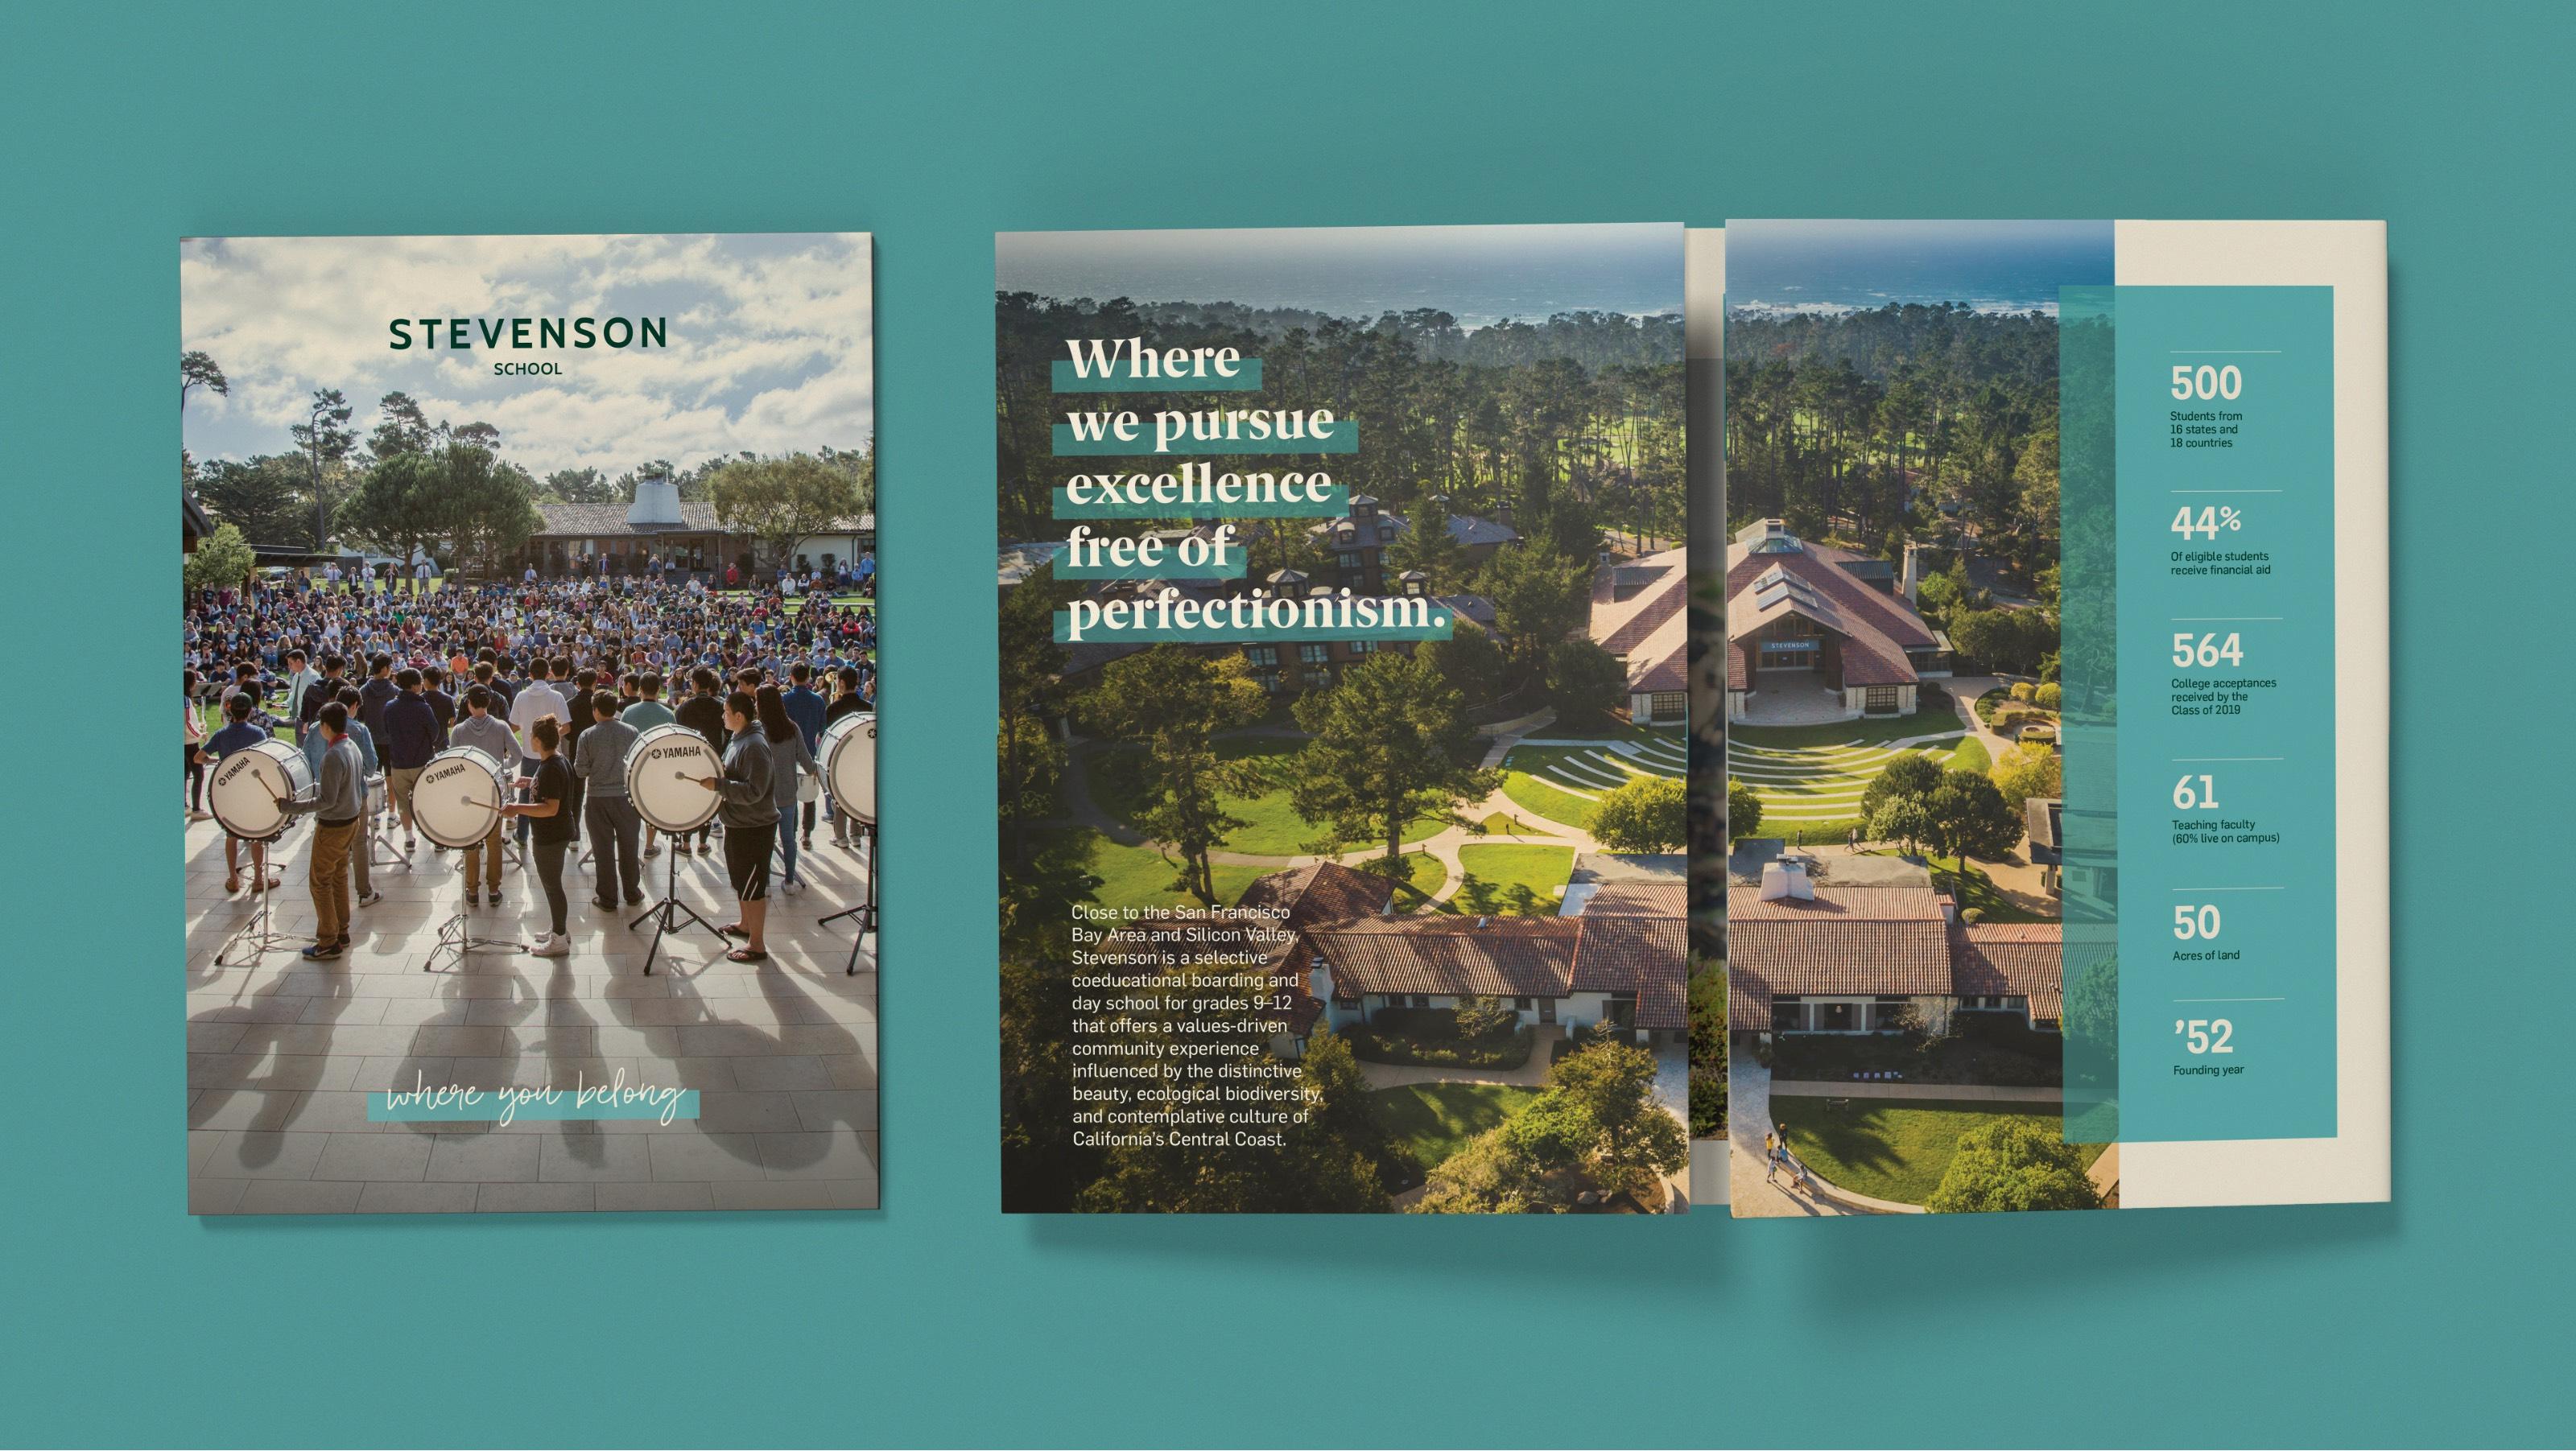 Stevenson School Travel Brochure Design - Cover